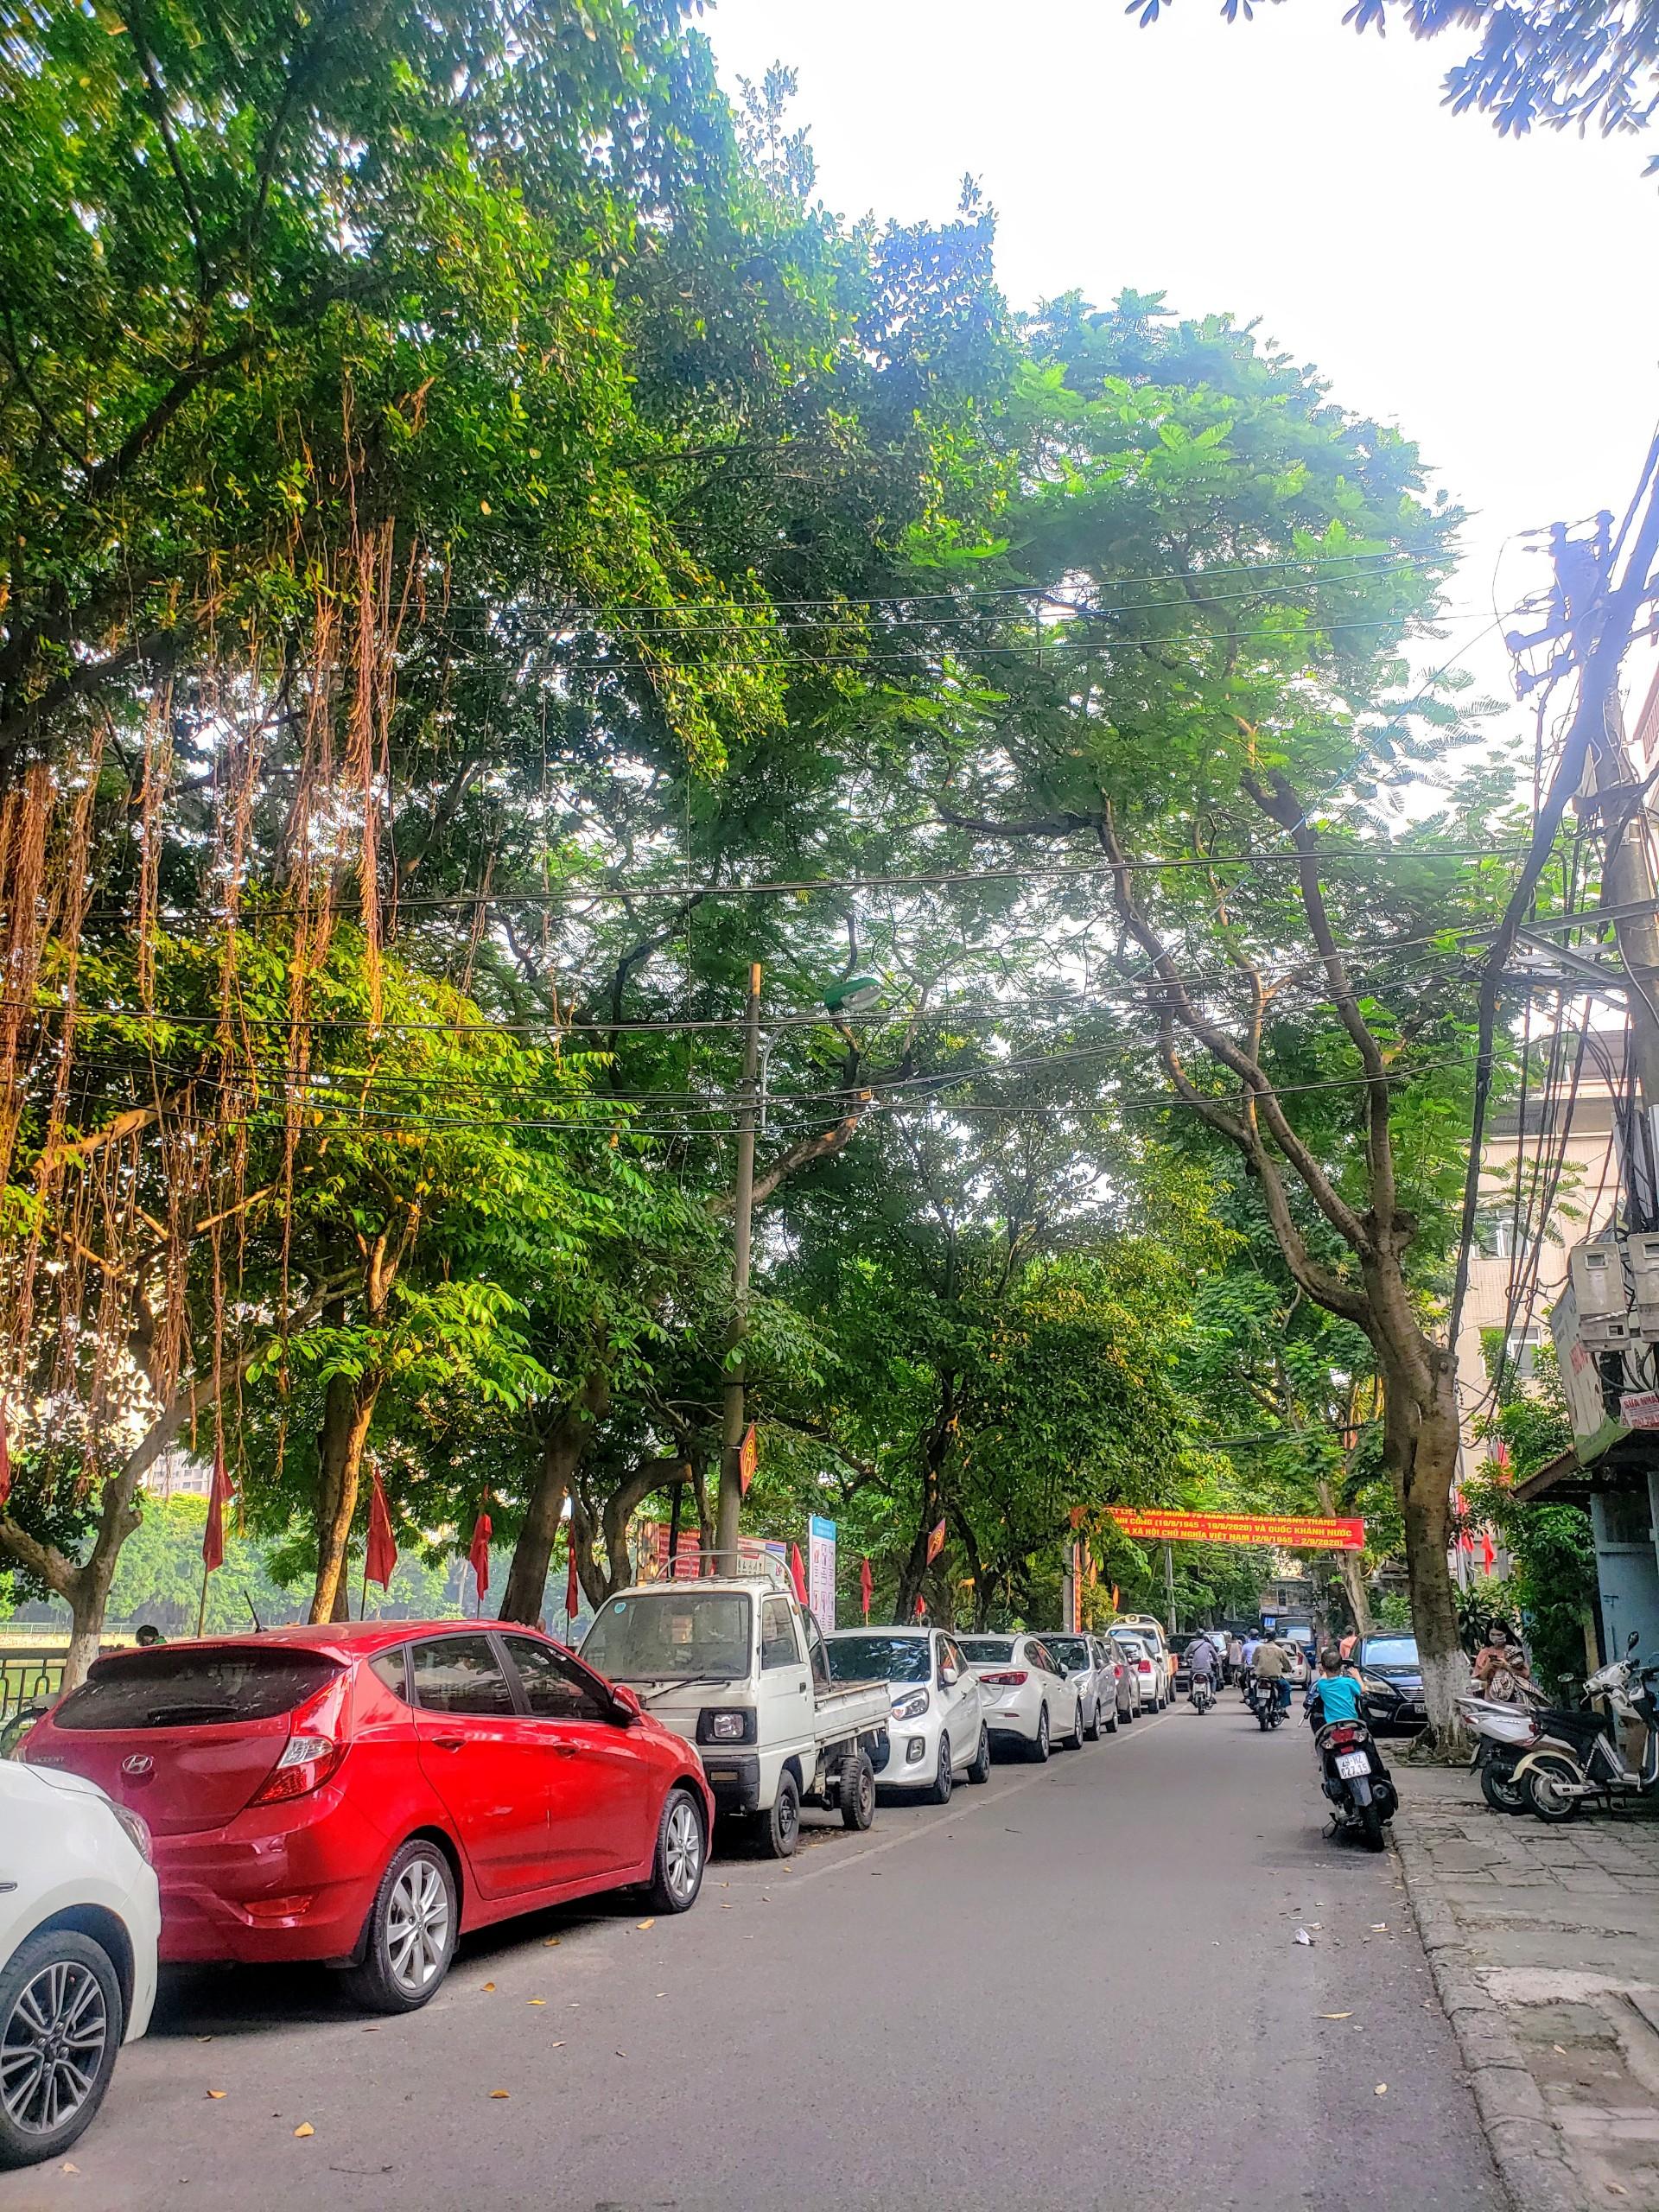 Cần bán Nhà mặt tiền đường Nguyễn Sơn, Phường Ngọc Lâm, Diện tích 85m², Giá 16.8 Tỷ - LH: 0984142941